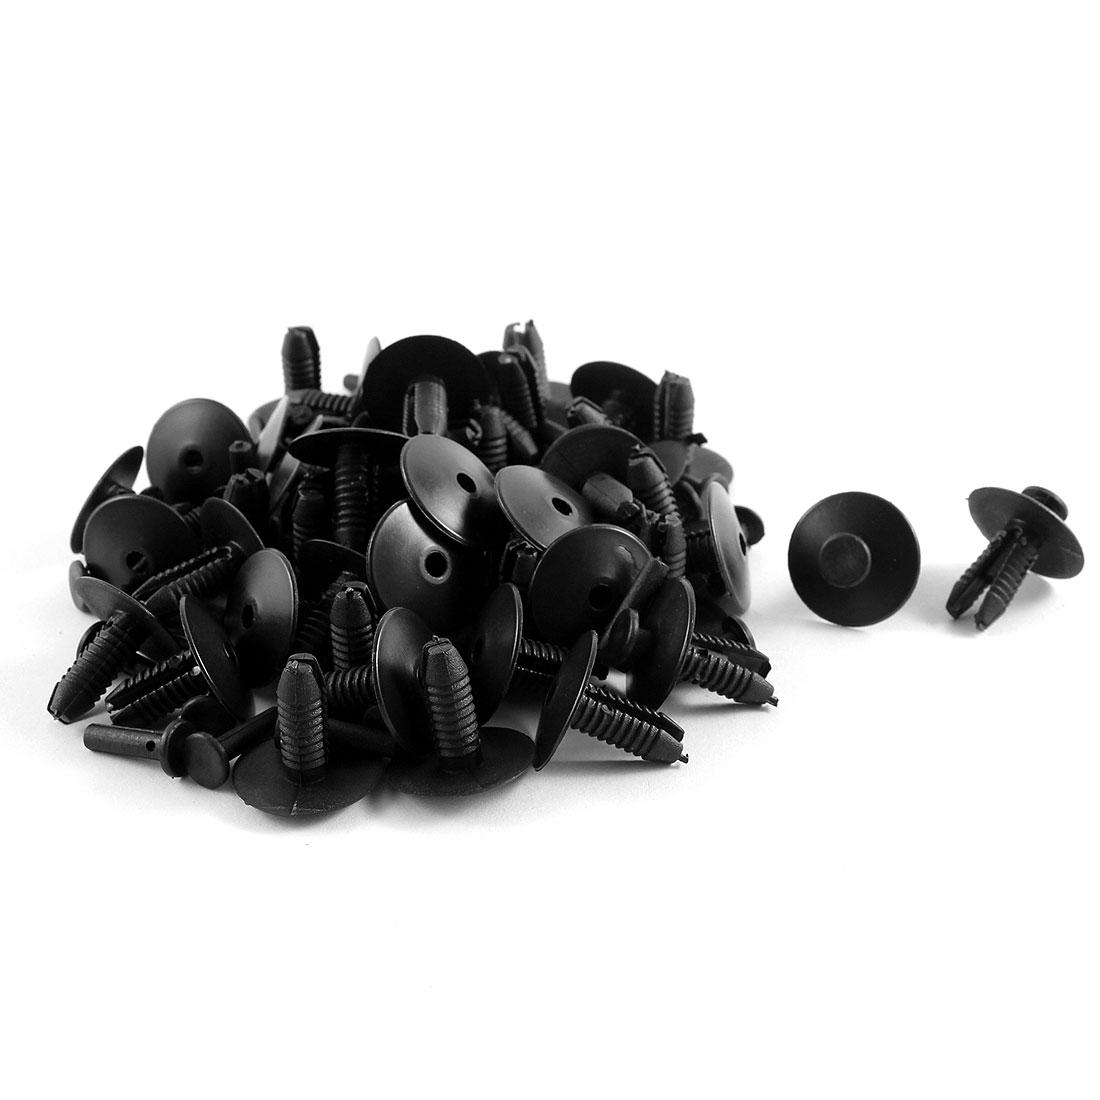 50 Pcs Black Plastic Splash Guard Fastener Rivet Clips 7mm x 15mm x 19mm